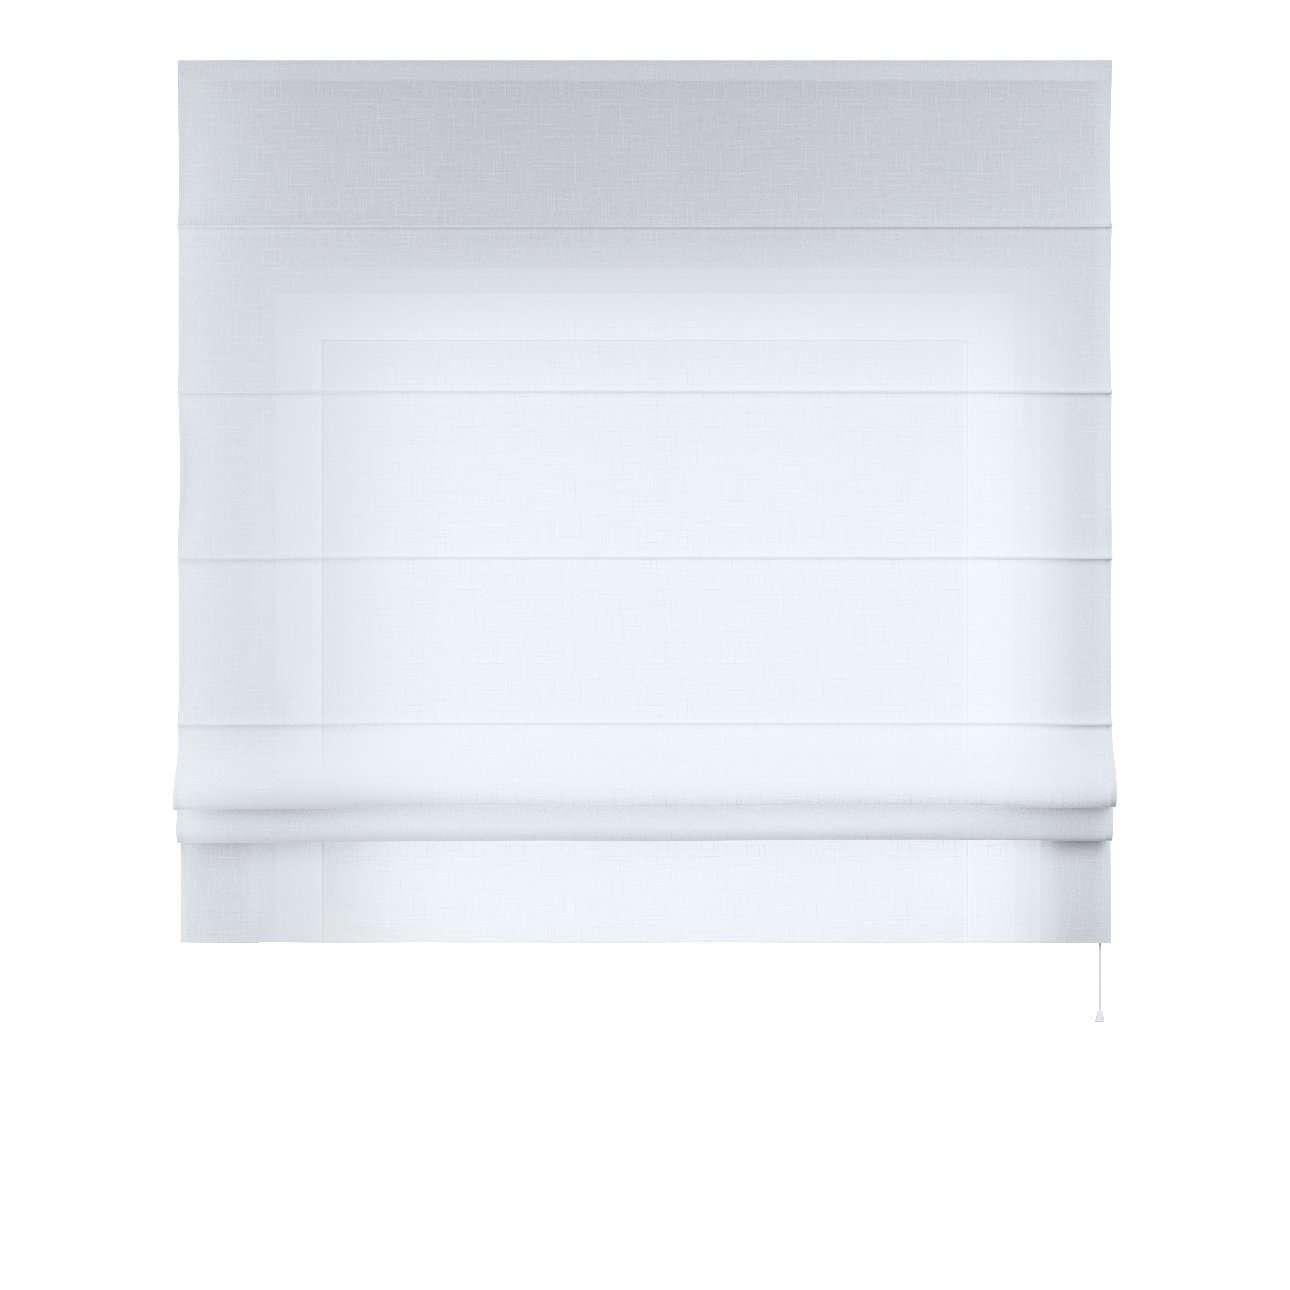 Romanetės Padva 80 x 170 cm (plotis x ilgis) kolekcijoje Romantica, audinys: 128-77